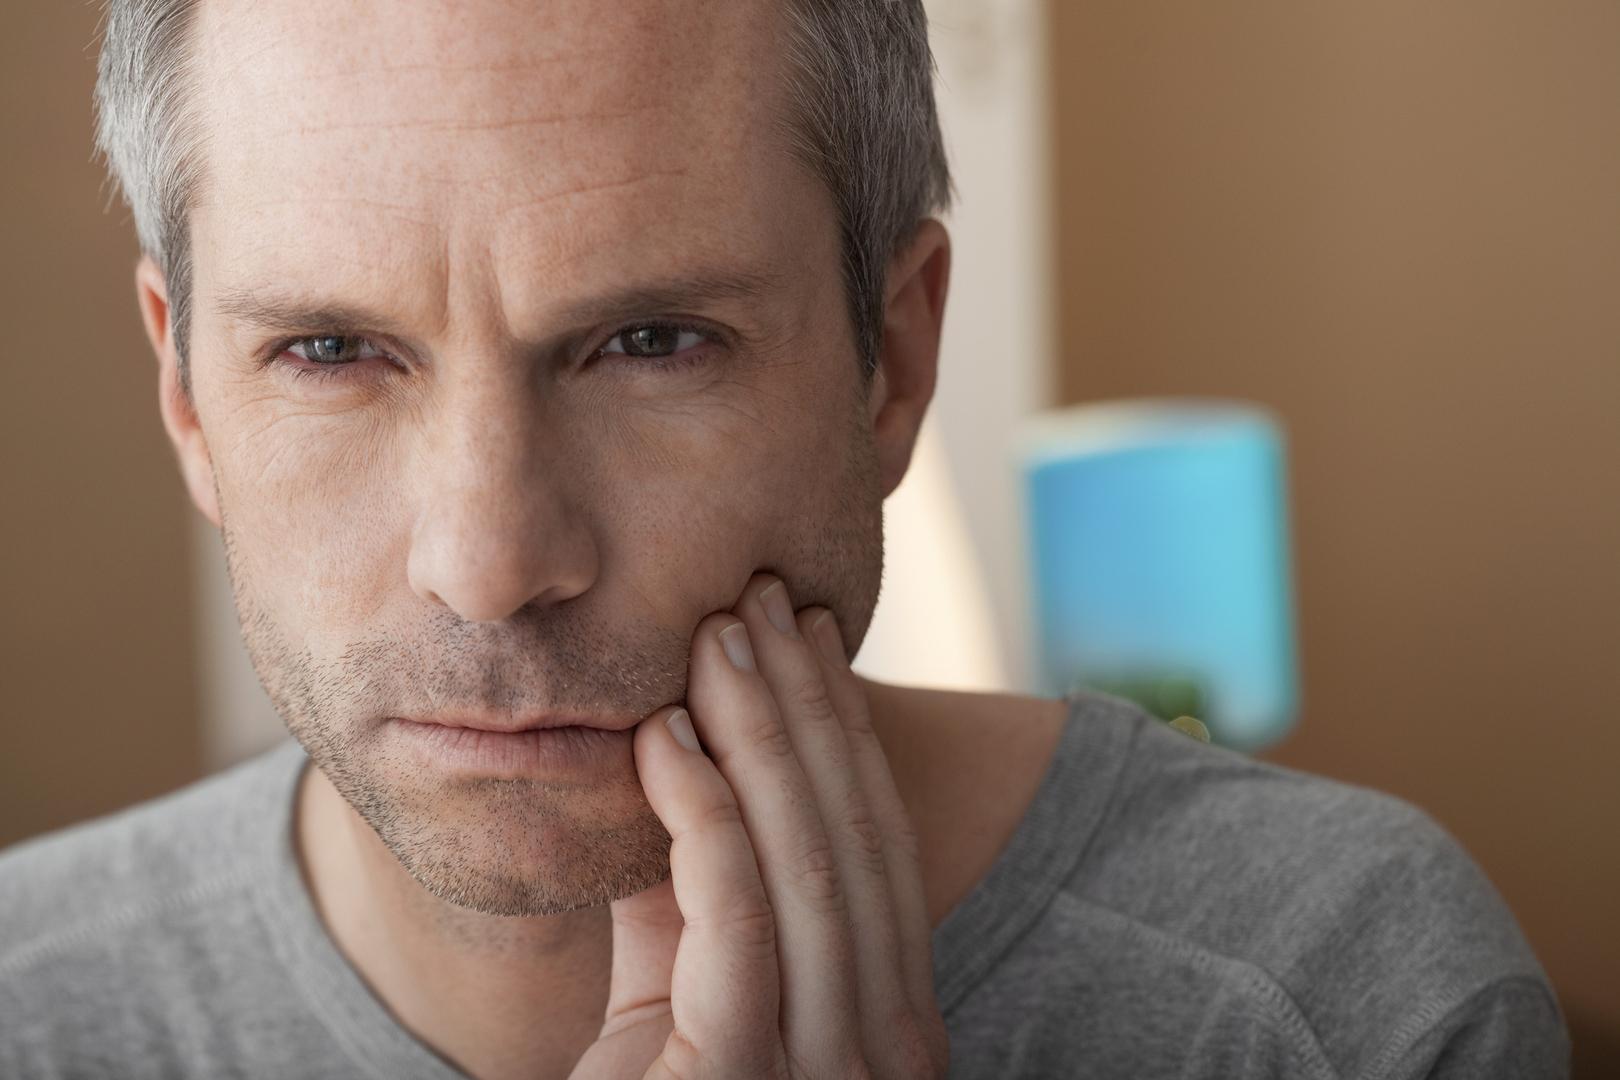 لماذا يعاني الكثيرون من صرير الأسنان؟ وكيف نخفف الضغط الواقع عليها؟